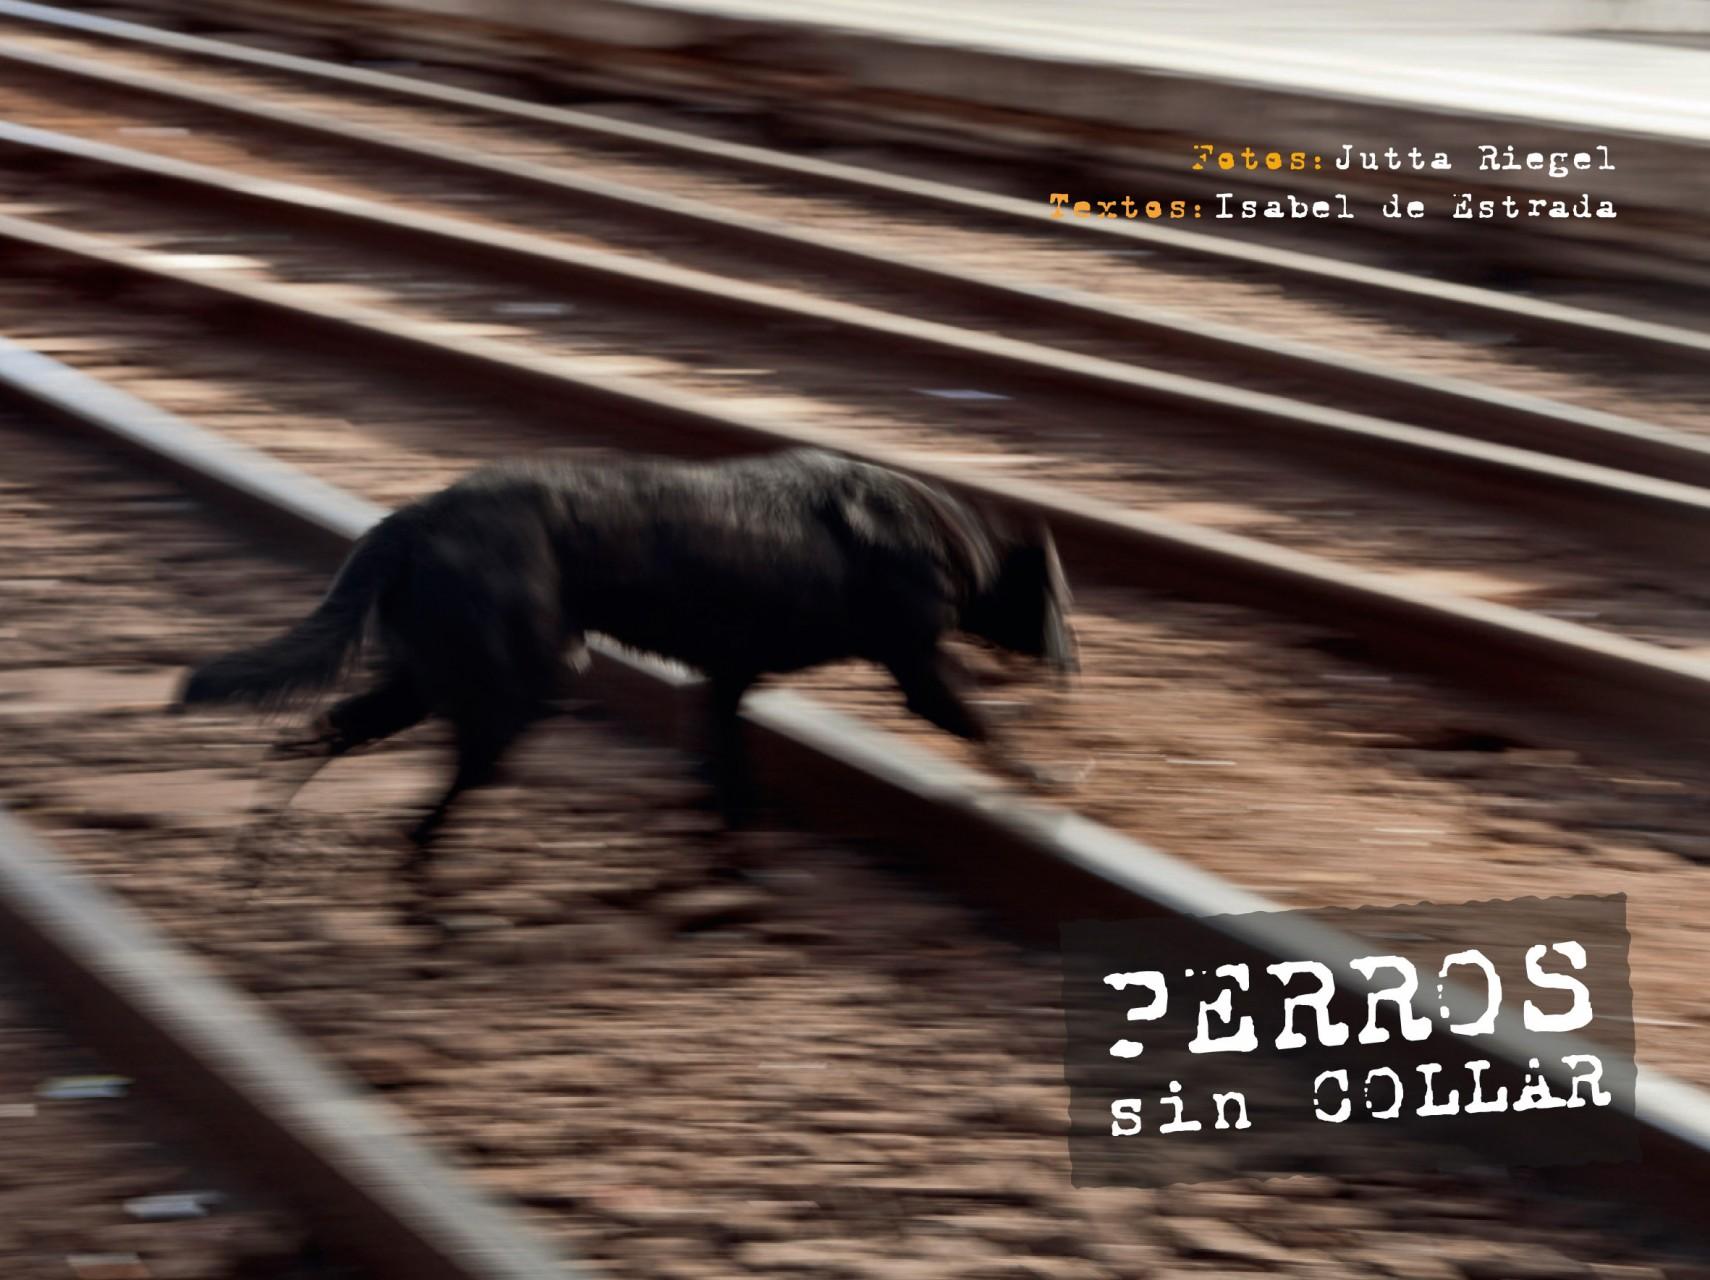 Perros sin collar